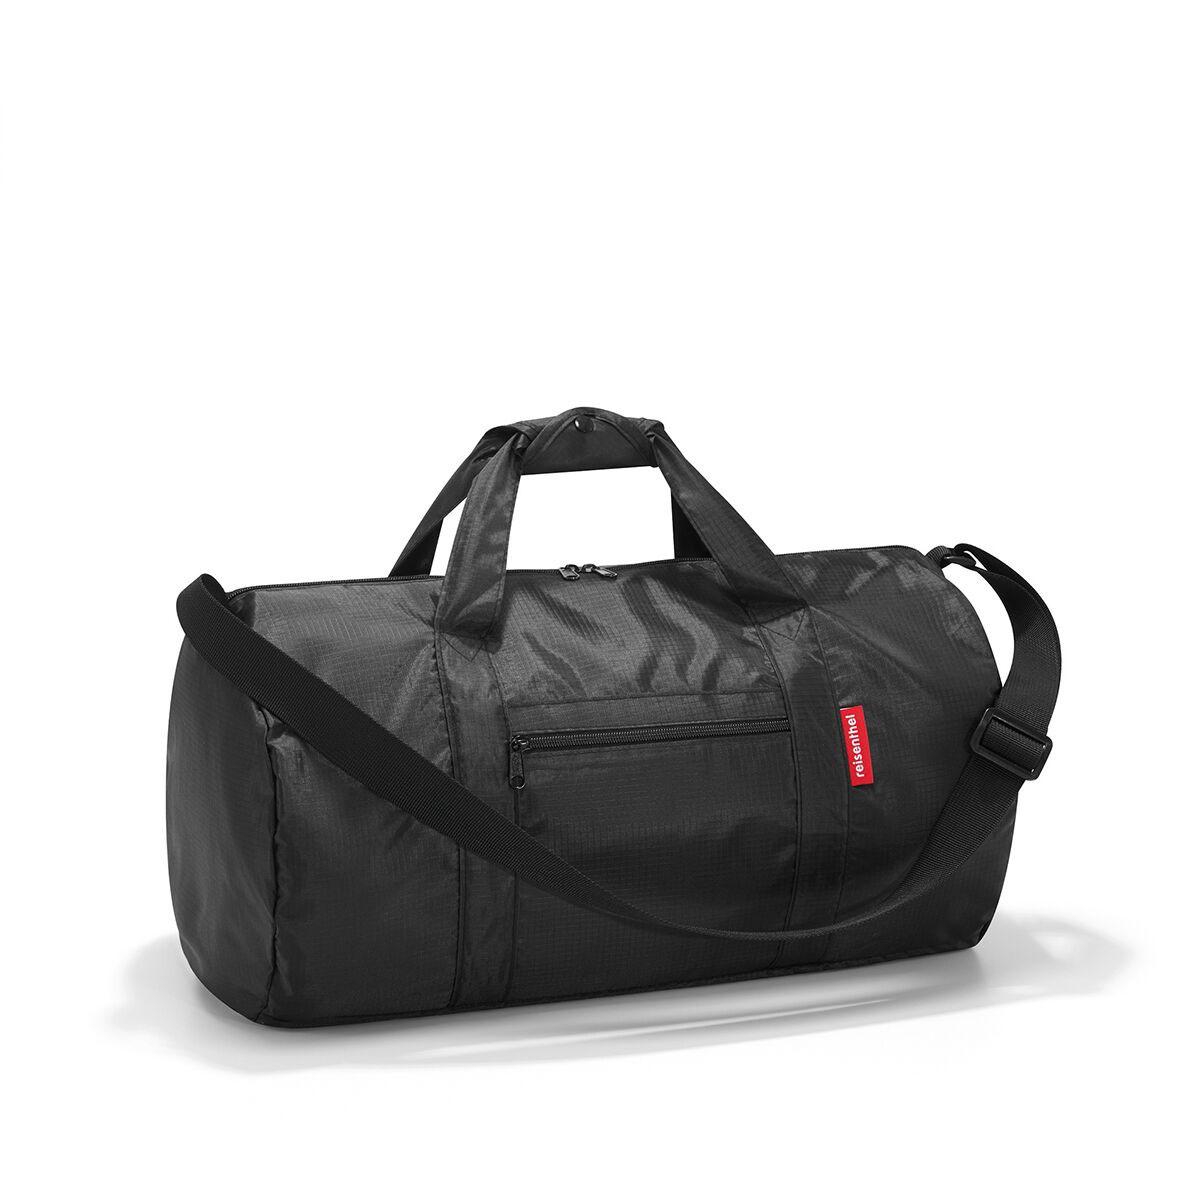 Сумка спортивная жен. Reisenthel, цвет: черный. AM7003AM7003Универсальная сумка-трансформер серии Mini Maxi, предназначенная для путешествий и спорта. - для хранения компактно складывается в собственный внутренний карман; - вместительное основное отделение на молнии; - экономит место при хранении и перевозке в сложенном состоянии; - регулируемый наплечный ремень; - ручки для переноски, регулируемые при помощи специальных застежек; - два внешних кармана на молнии; - материал: высококачественный водостойкий полиэстер; - объем – 20 литров.